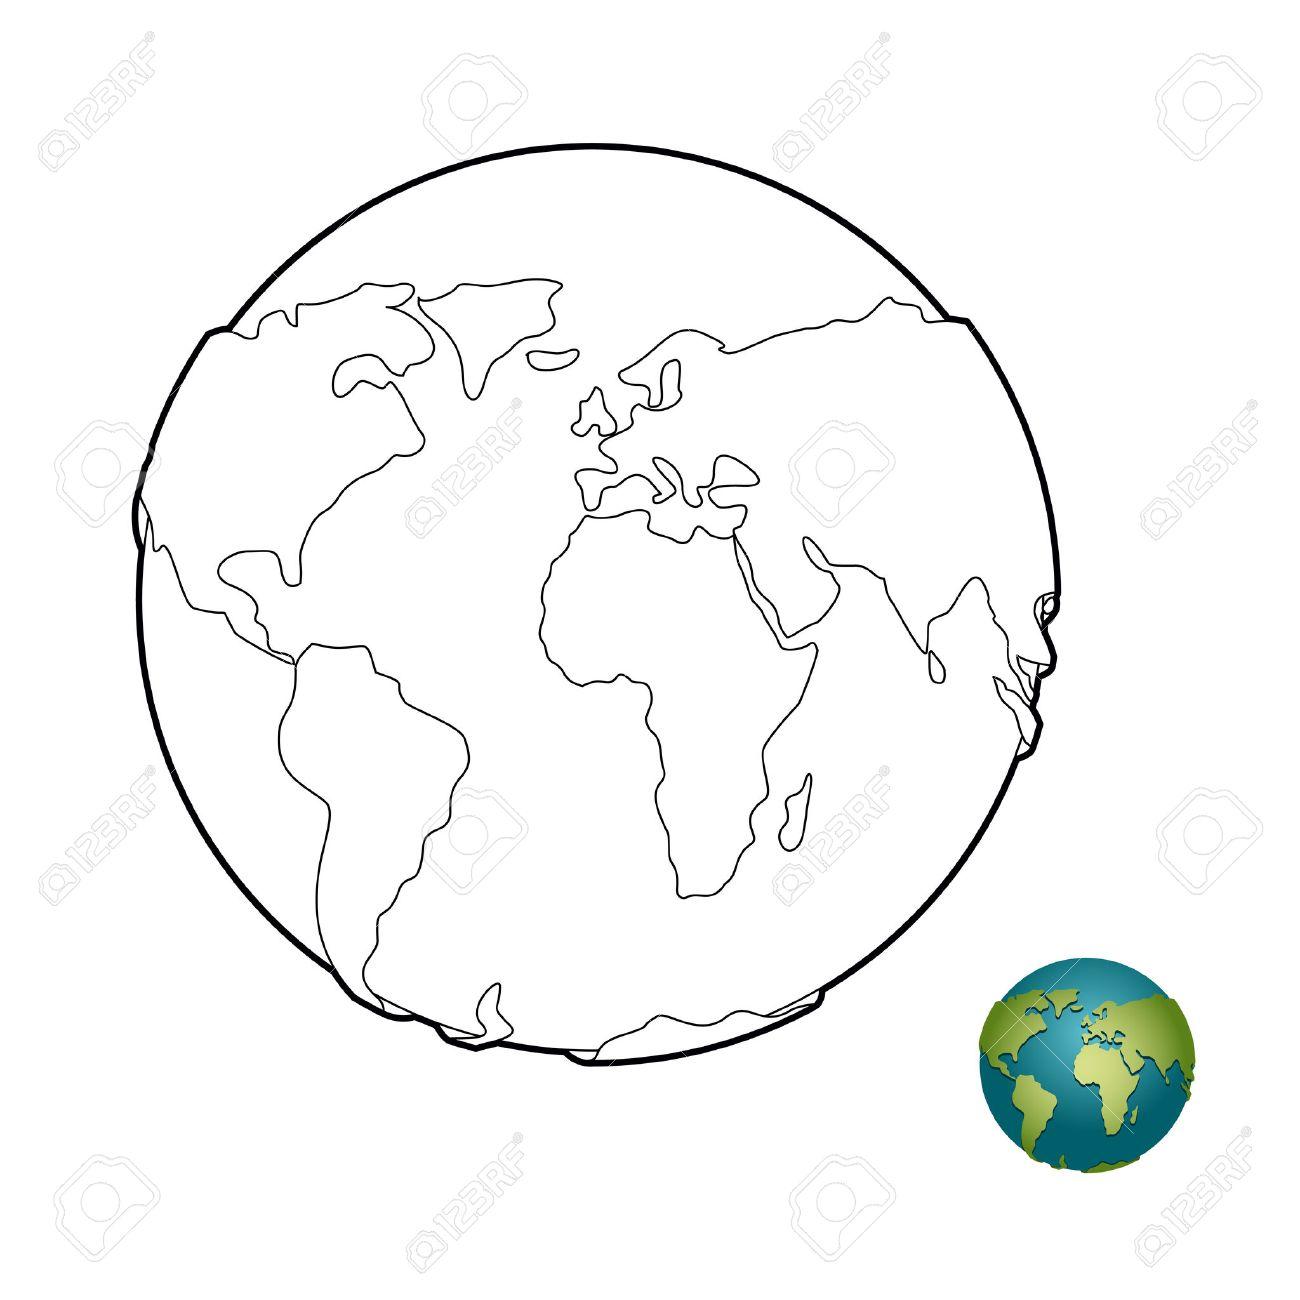 Livre De Coloriage De La Terre Corps Celeste Planete Avec Mainlands Globe Pour La Coloration Clip Art Libres De Droits Vecteurs Et Illustration Image 49364719